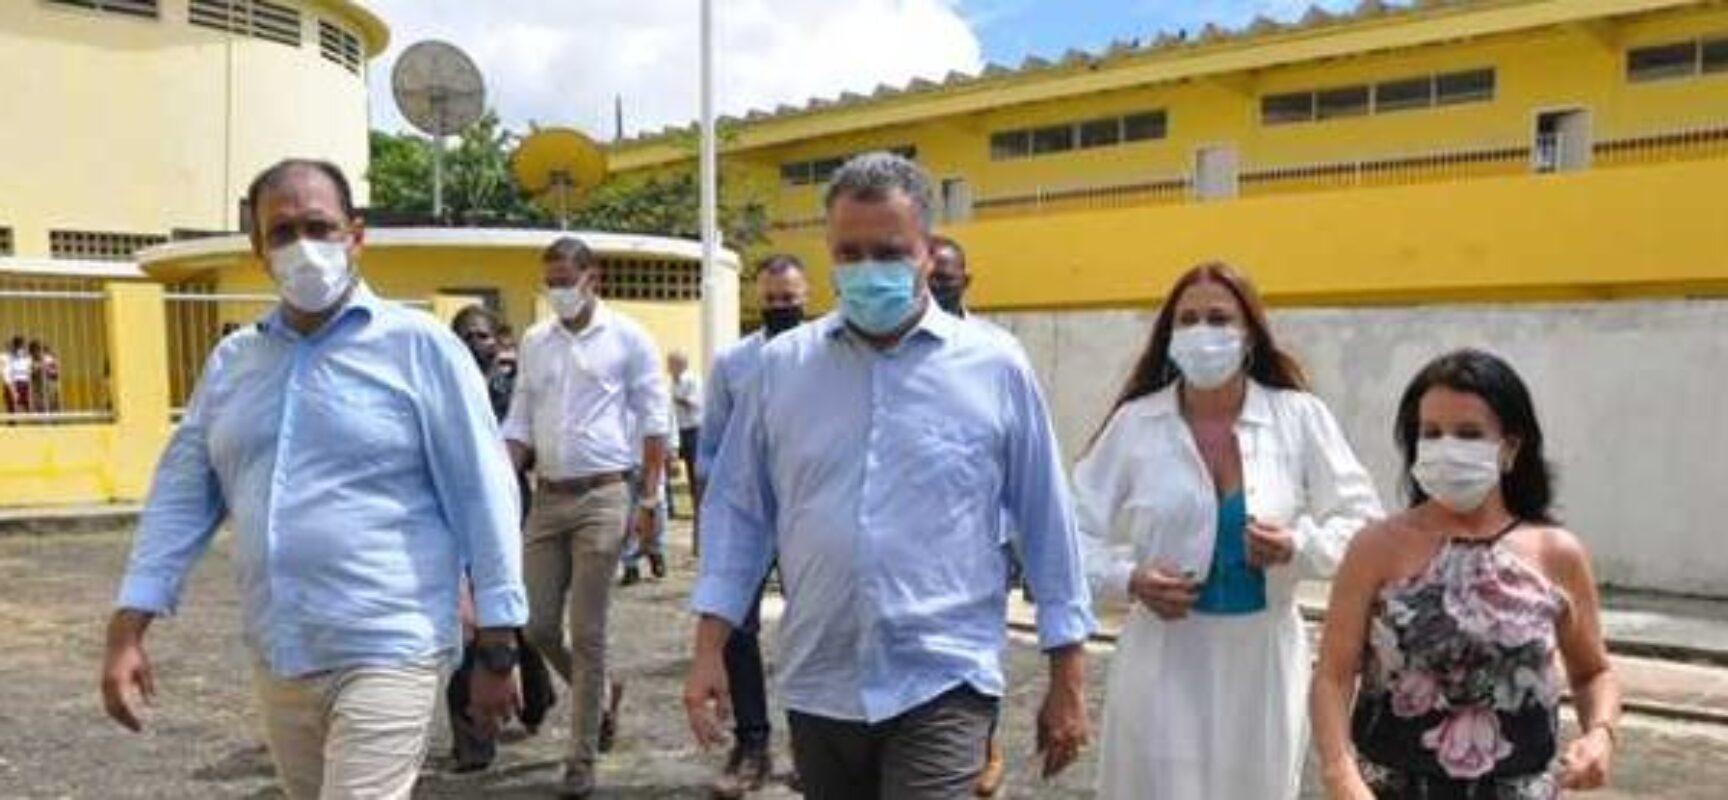 Entrega do IME e autorização de escola em tempo integral marcam visita do governador Rui Costa